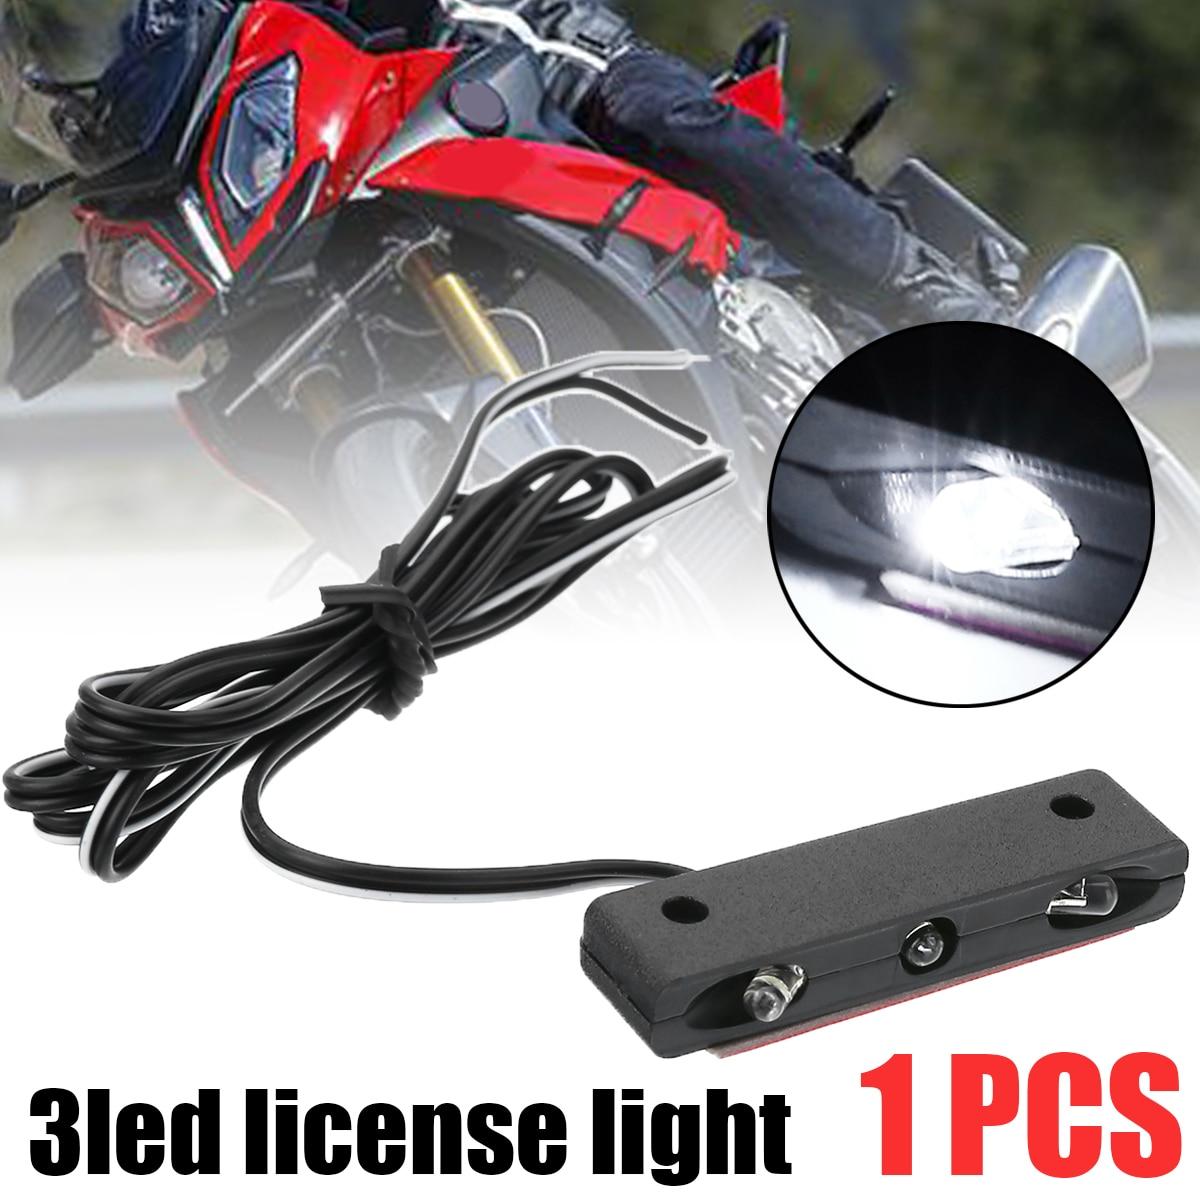 White Light 12V High Brightness 3-LED Motorcycle License Plate Light